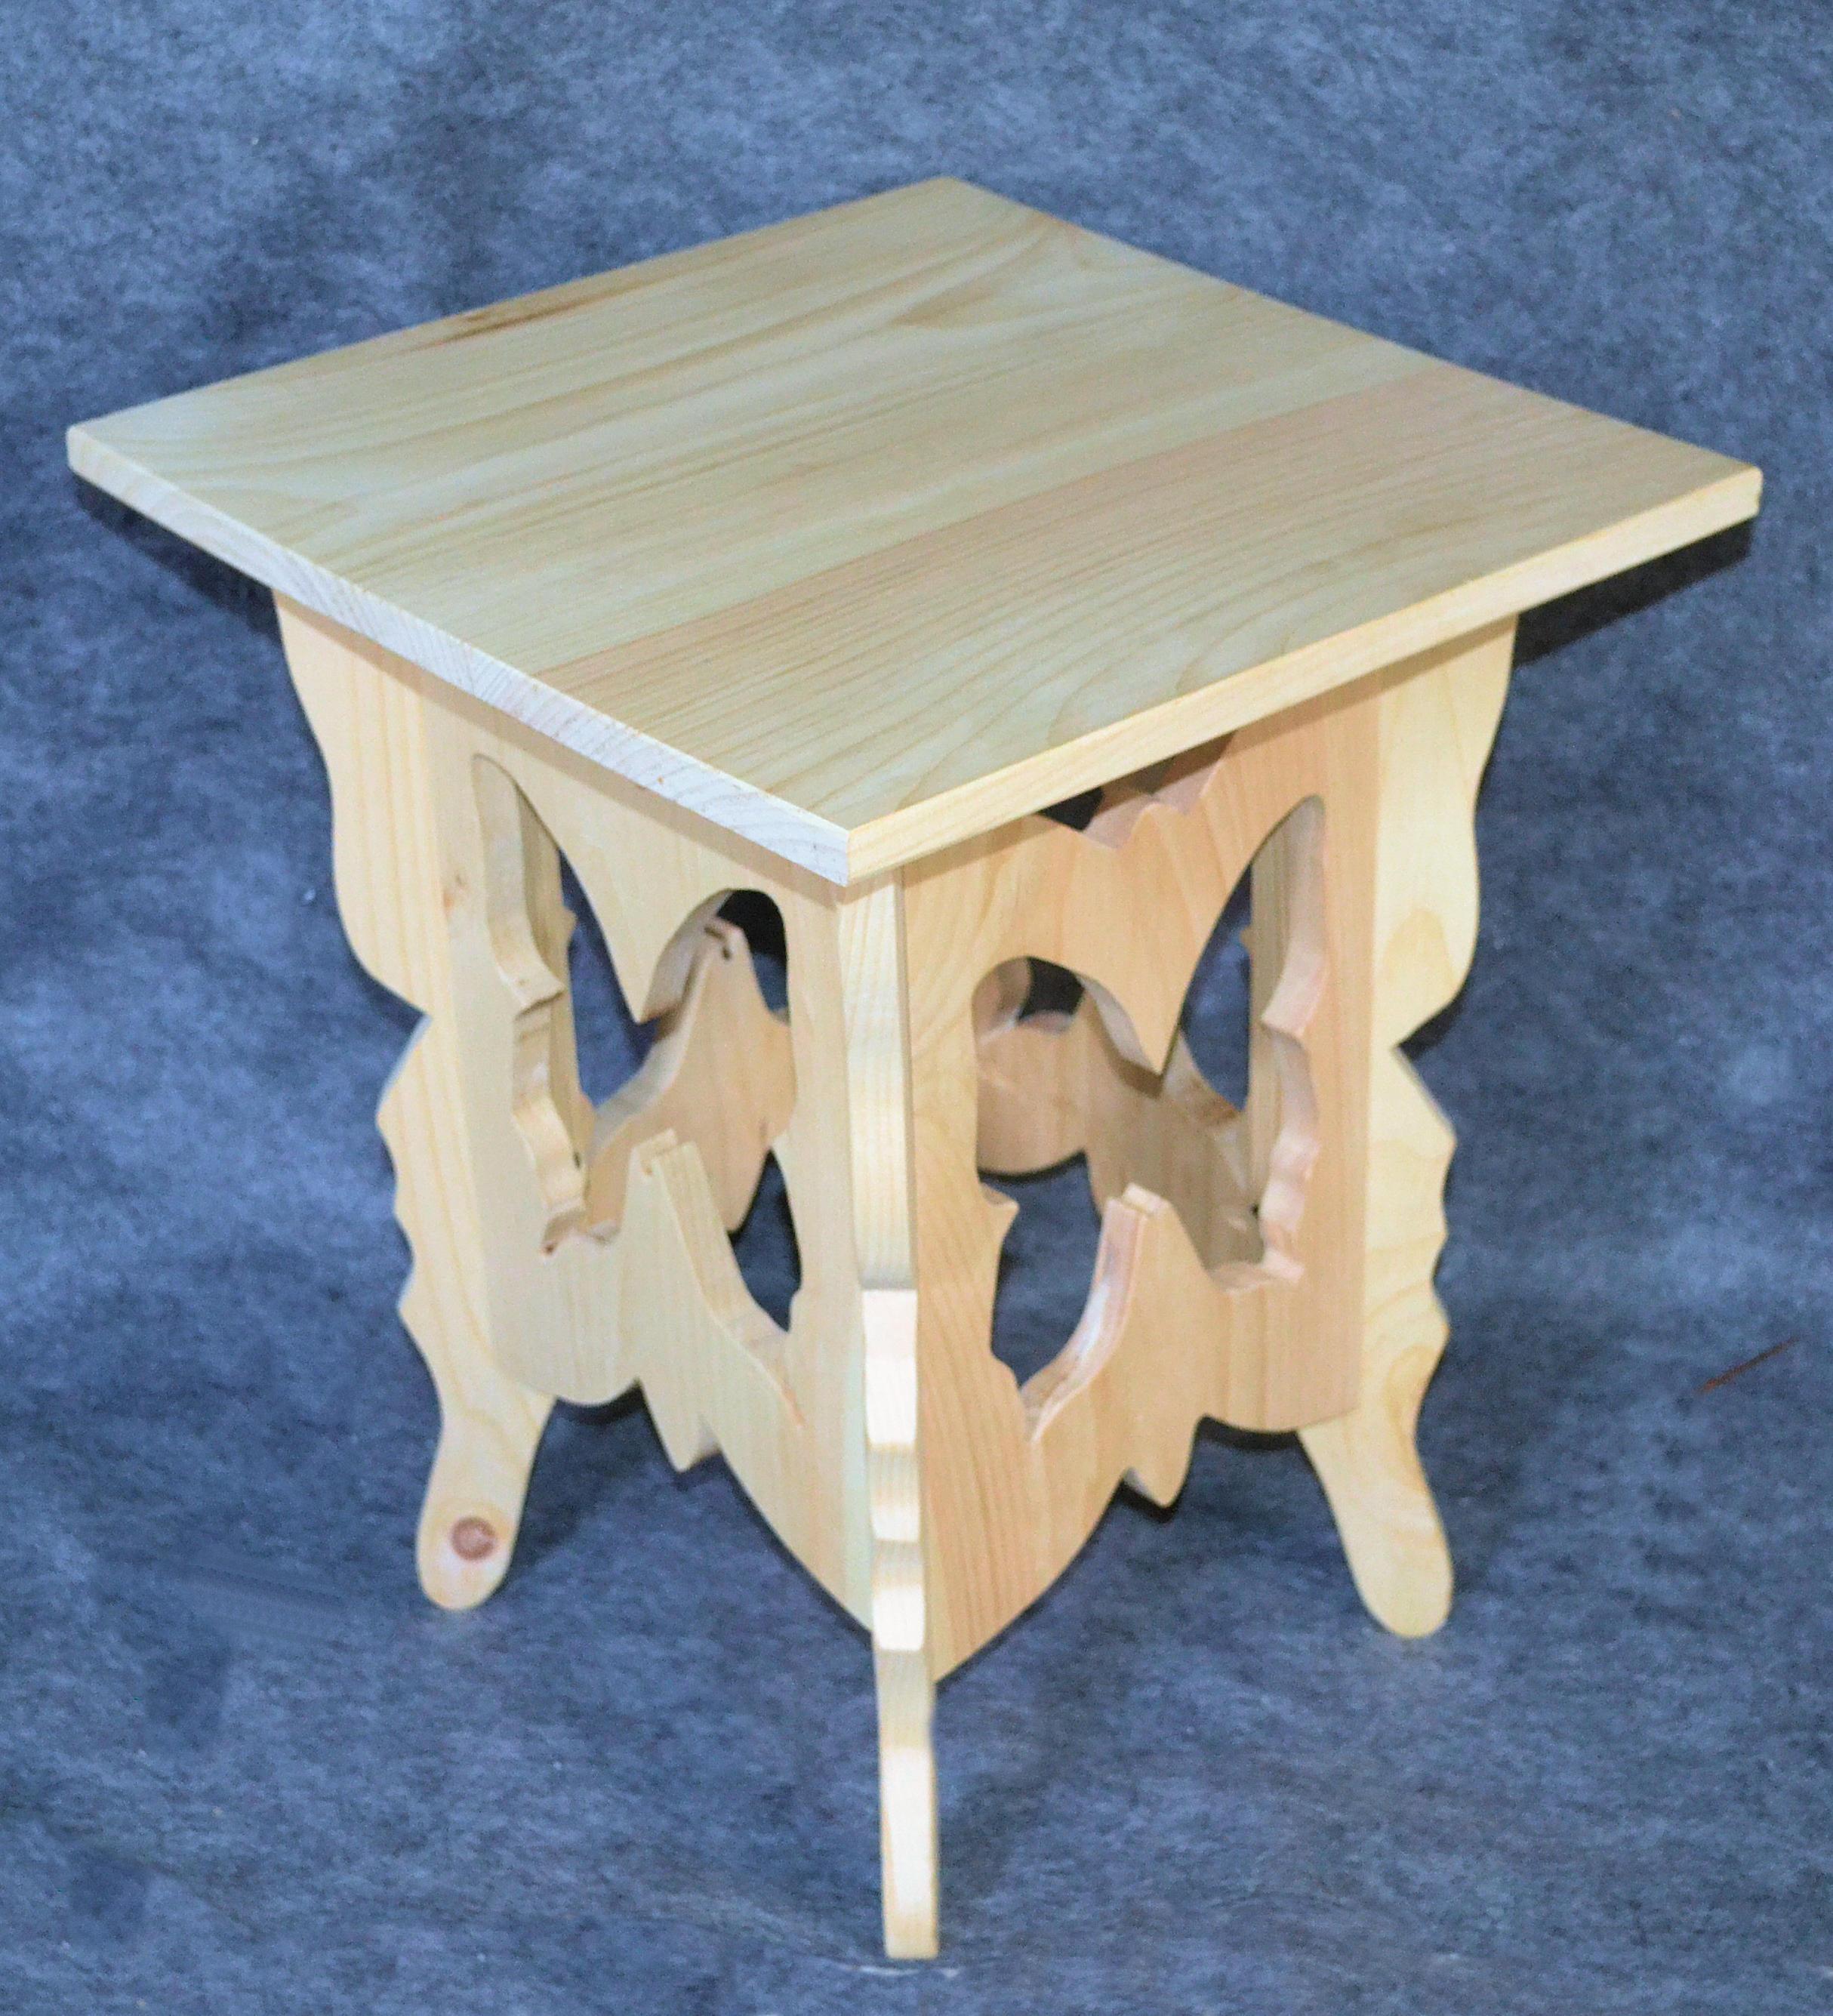 wood-butterfly-table-2202002-2.jpg